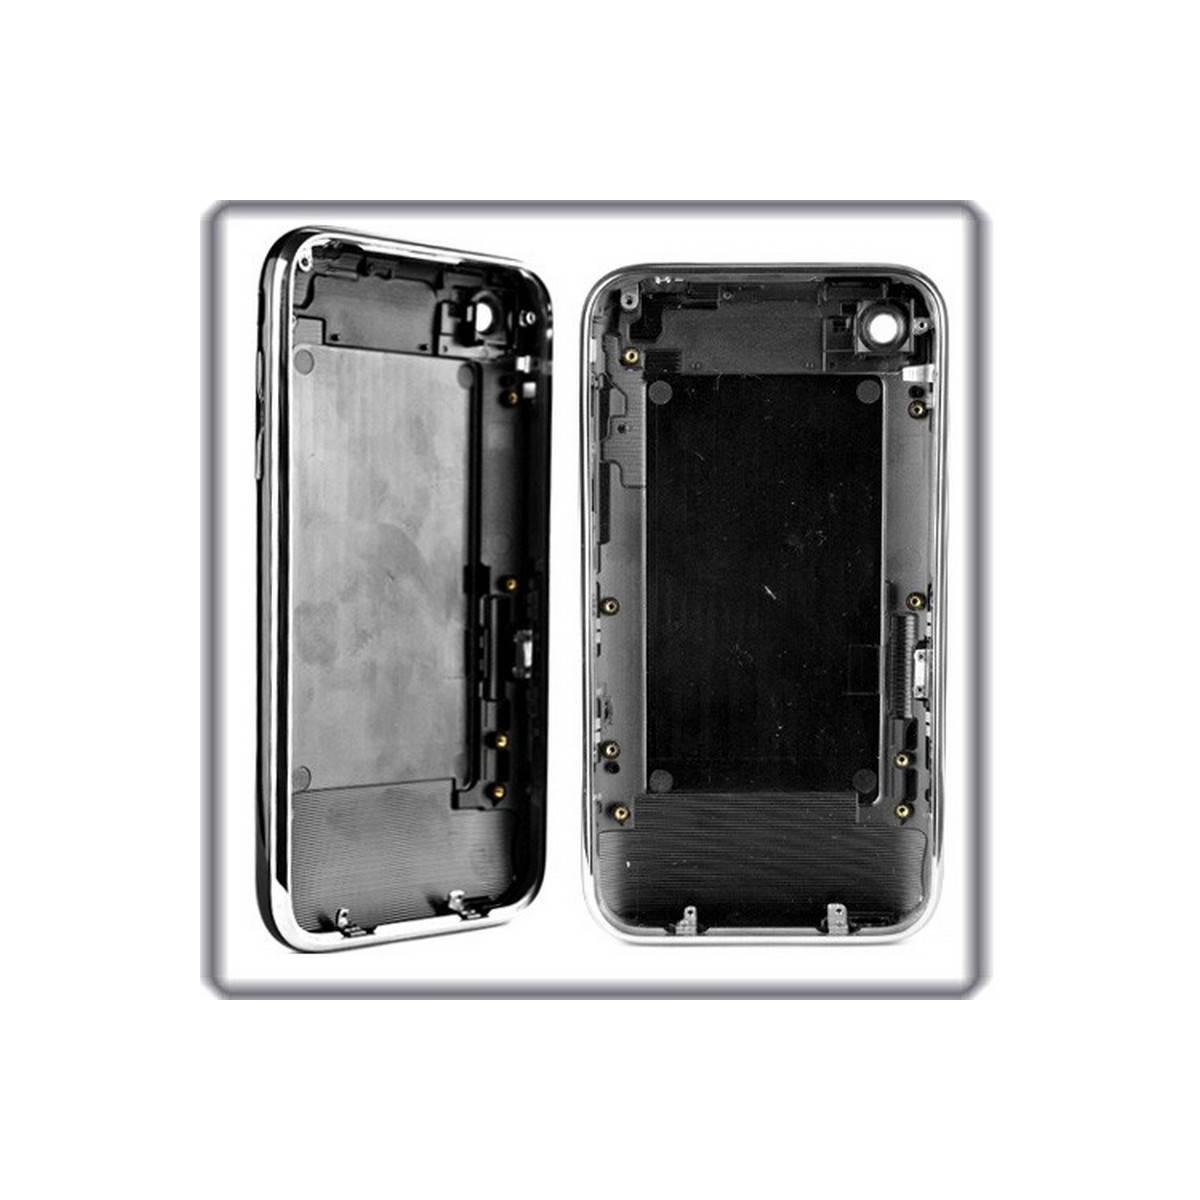 CARCASA traseira PRETO com marco metalico iphone 3GS de 32GB